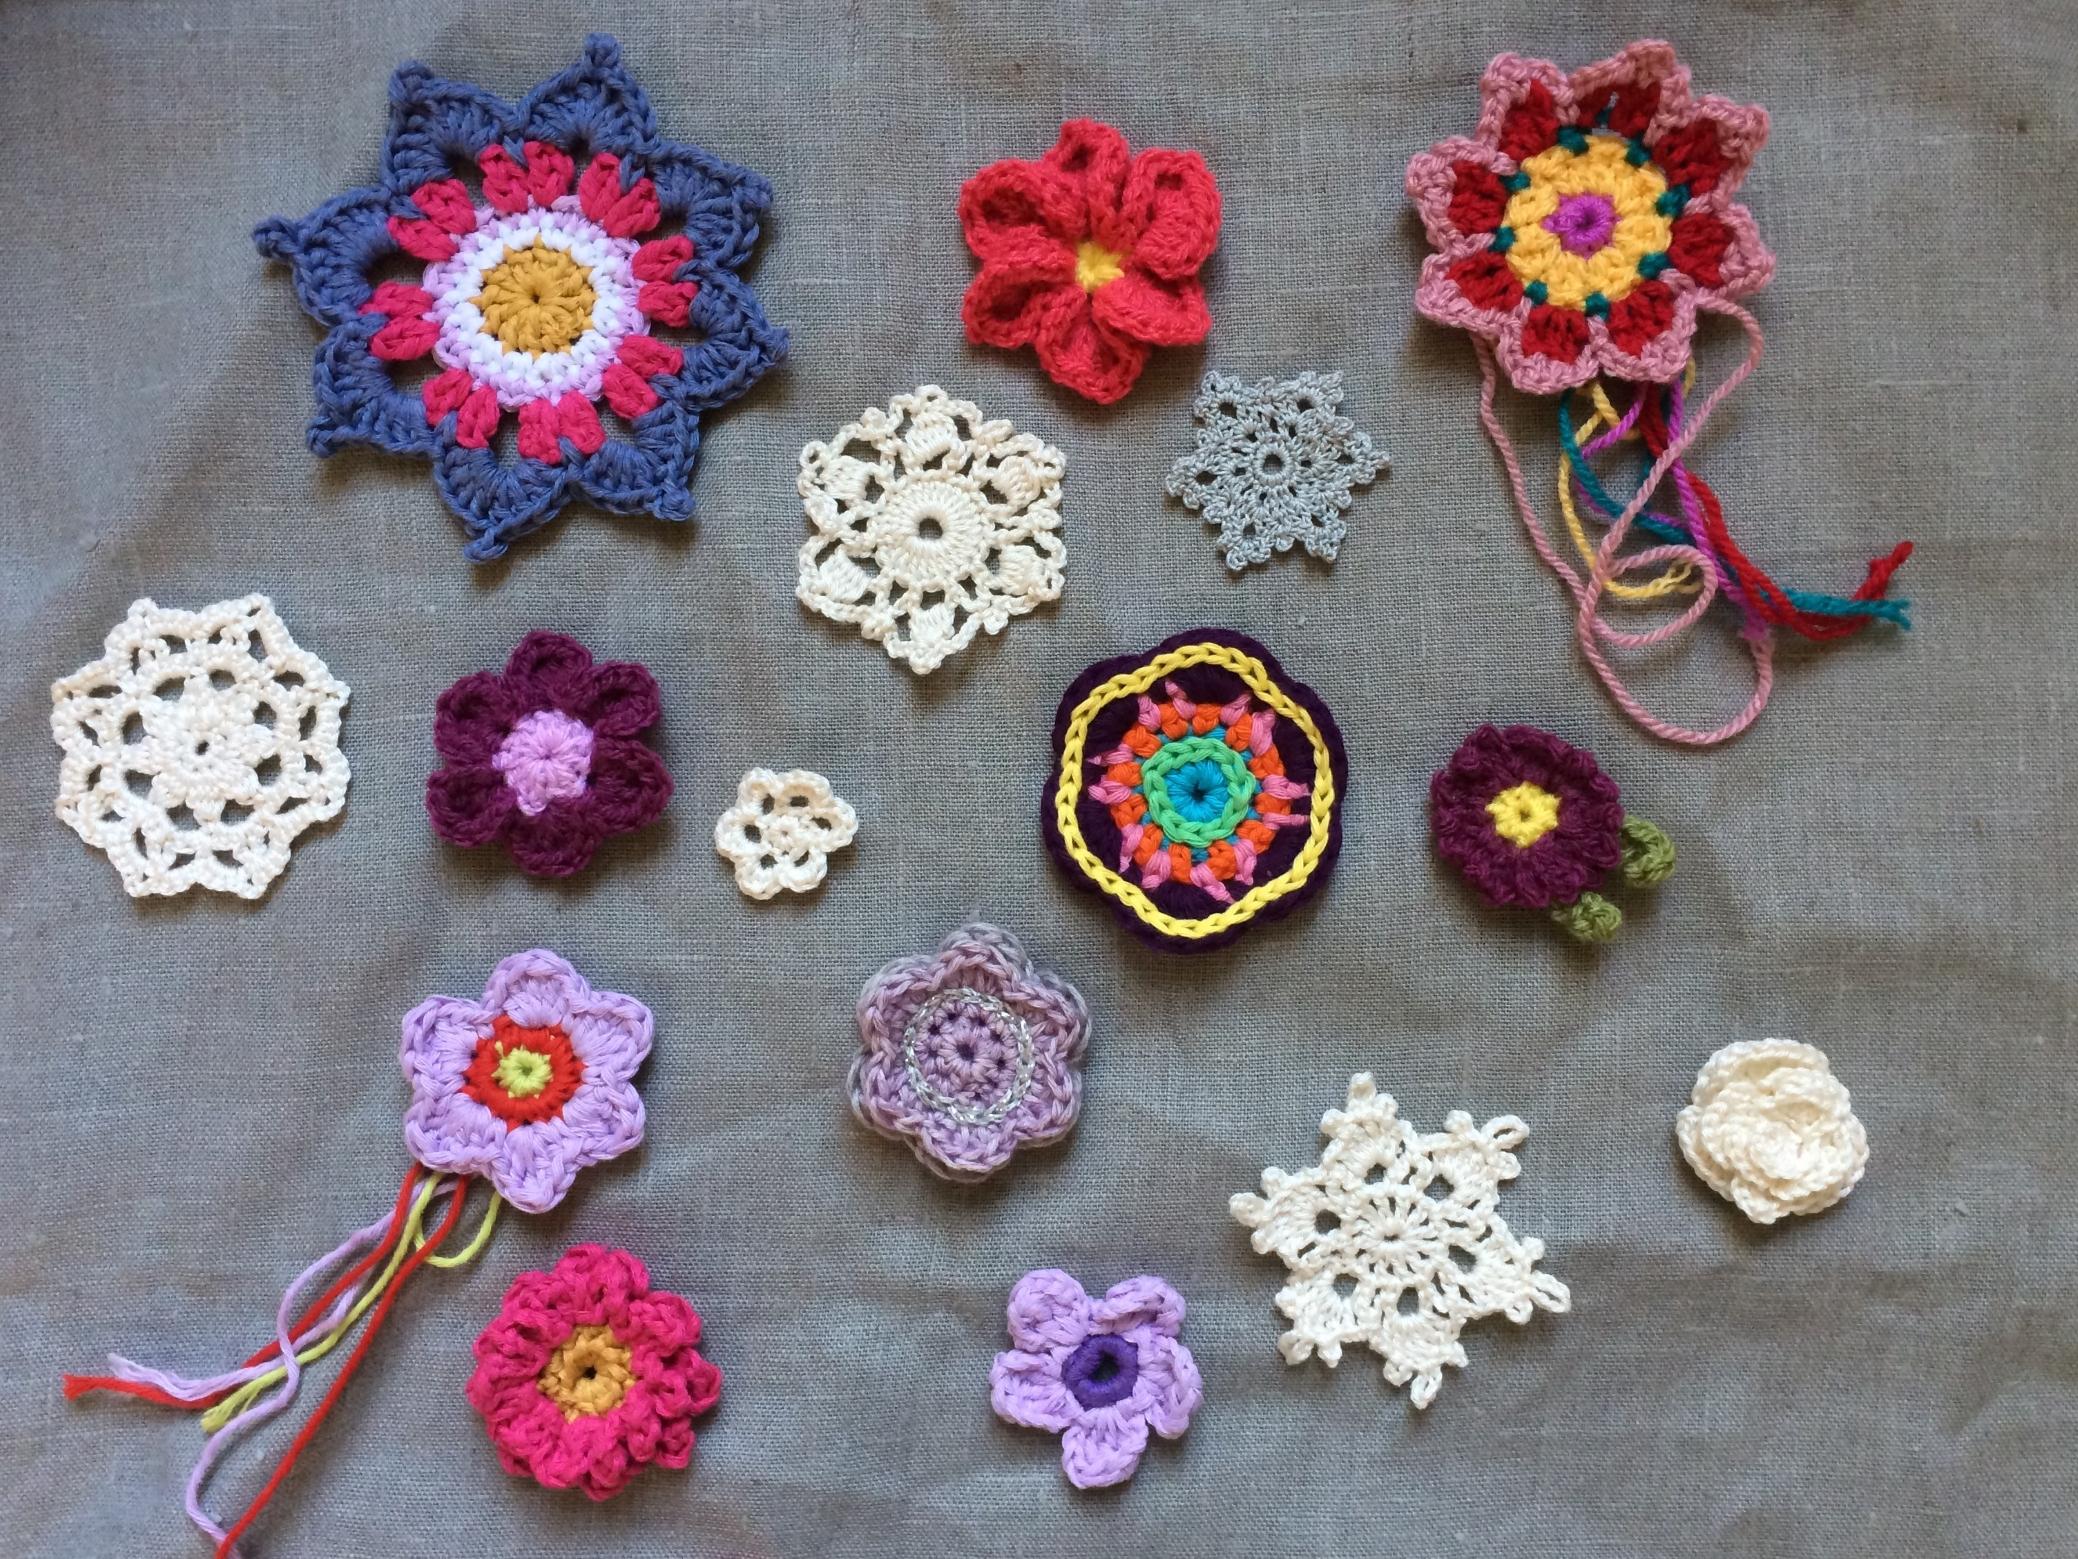 Crochet Flowers | MyCraftyMusings